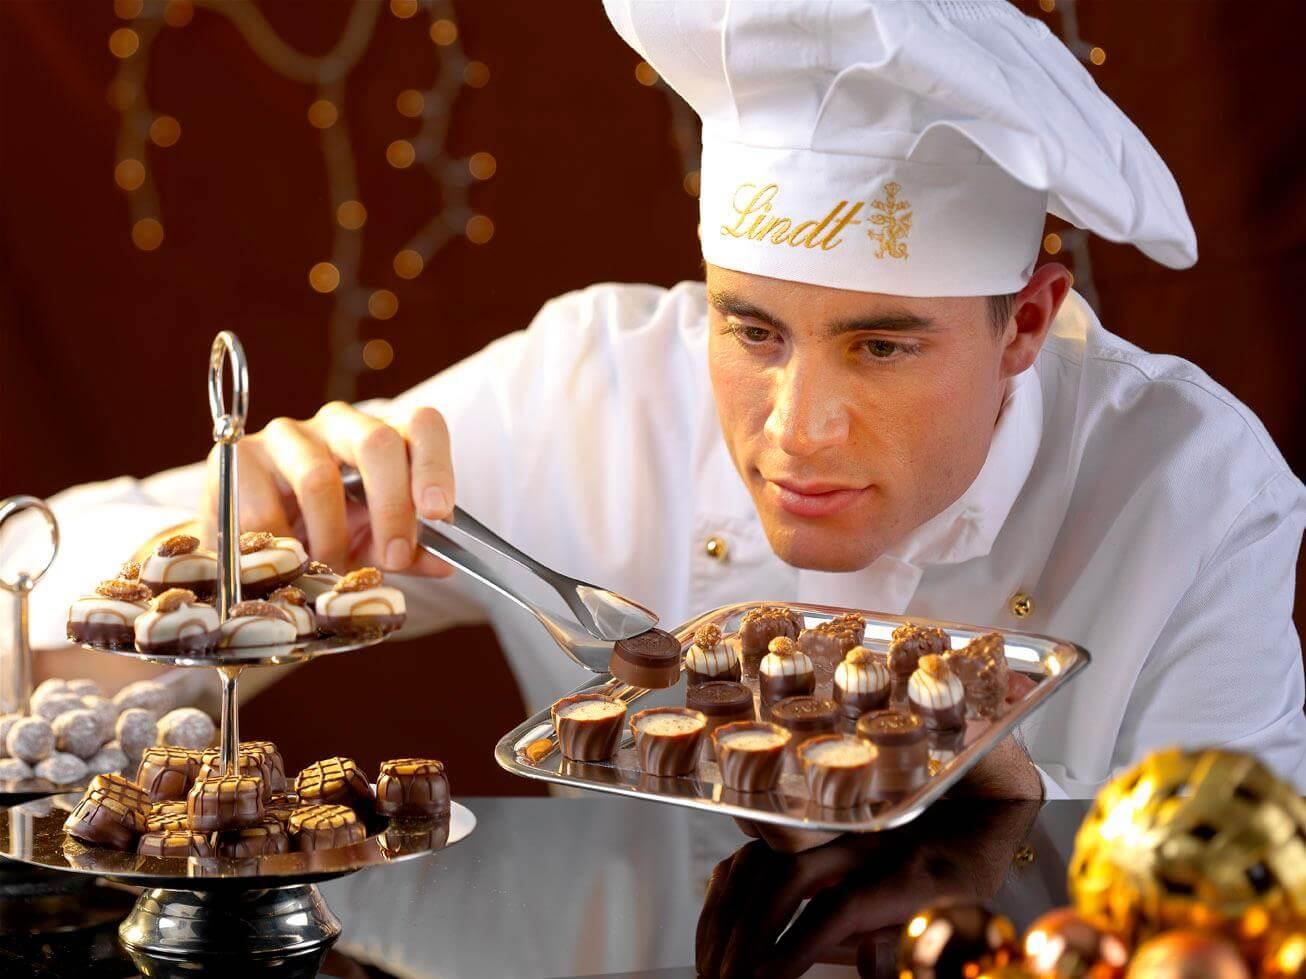 Швейцарская компания Lindt откроет первый шоколадный бутик в России